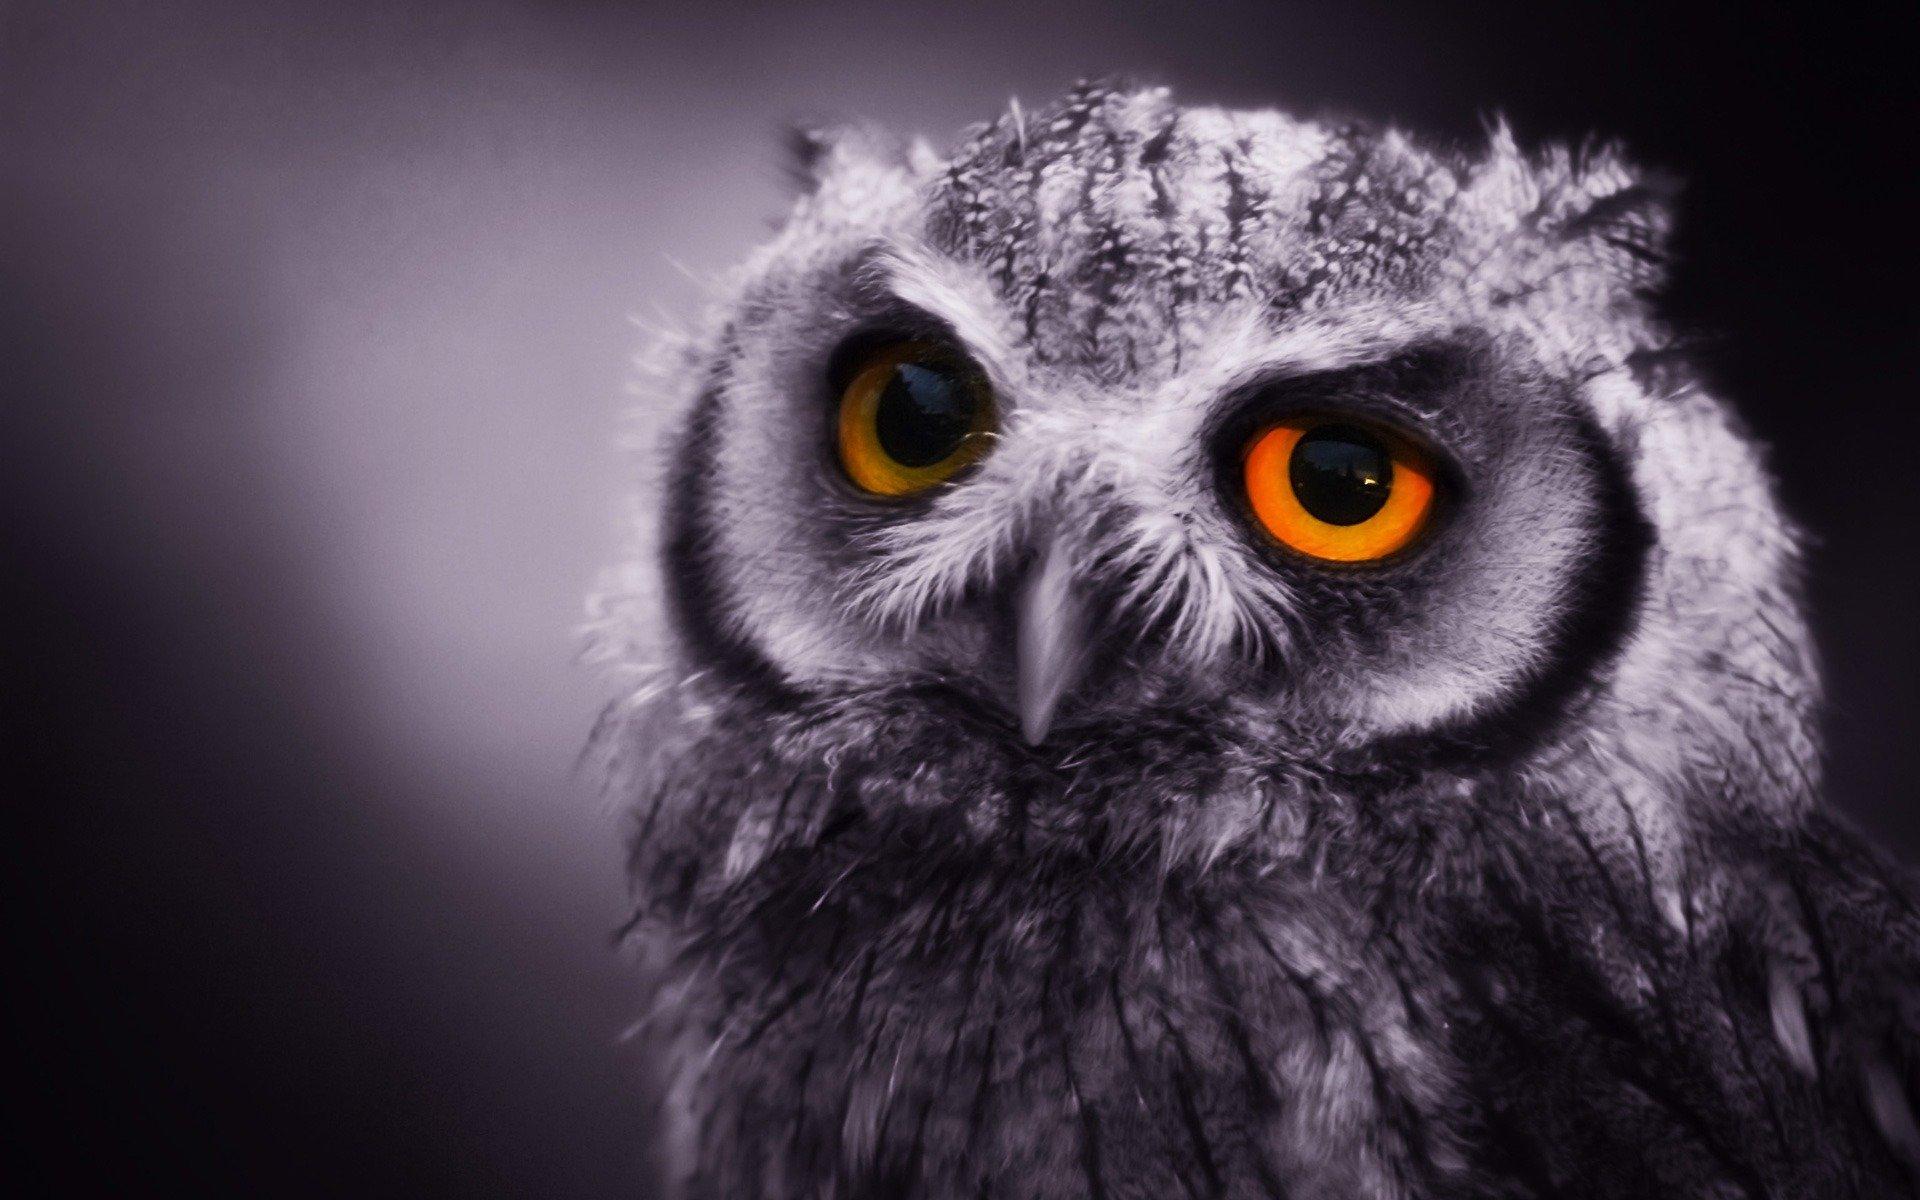 animal pictures for desktop backgrounds animal desktop wallpaper 17 download